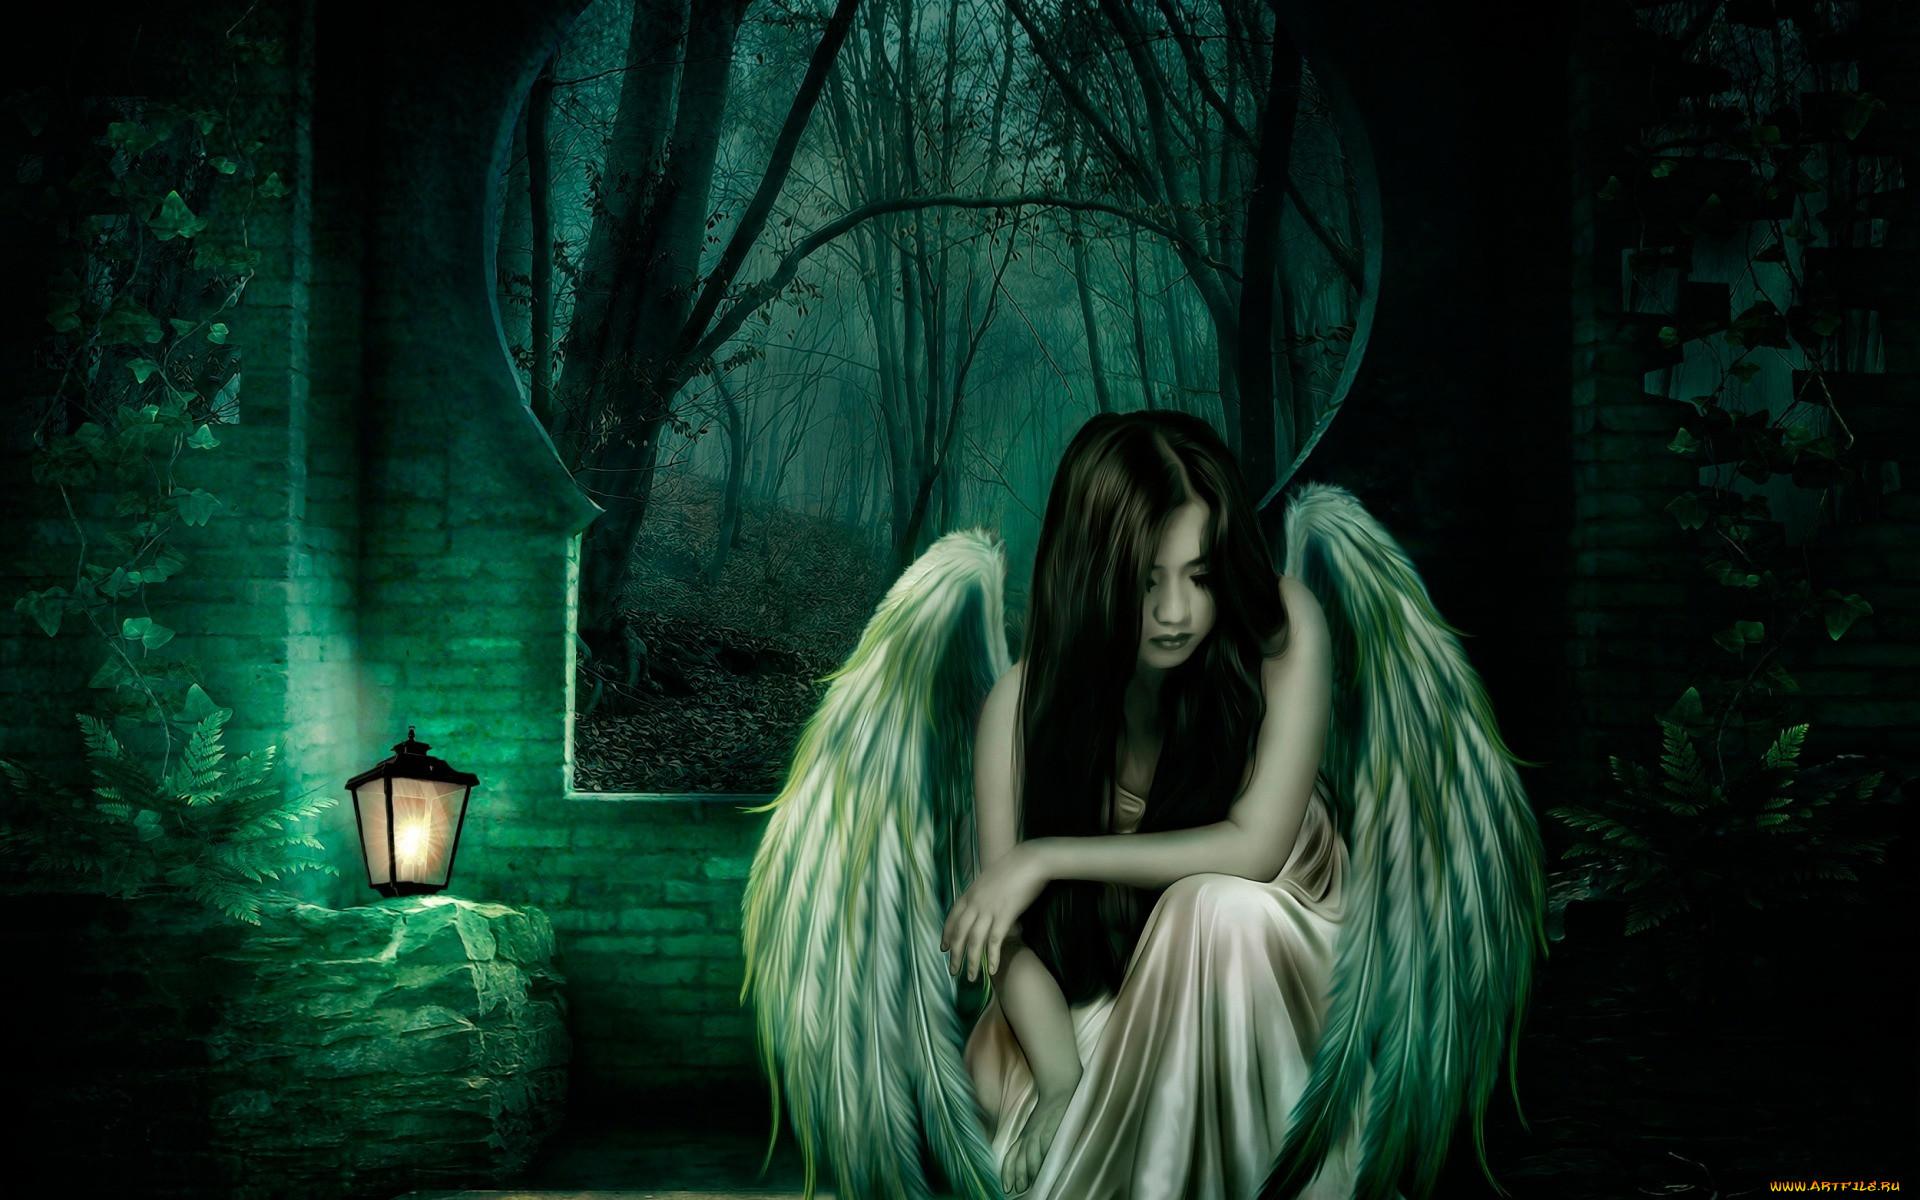 место грустные картинки ангелы на аву самых любимых